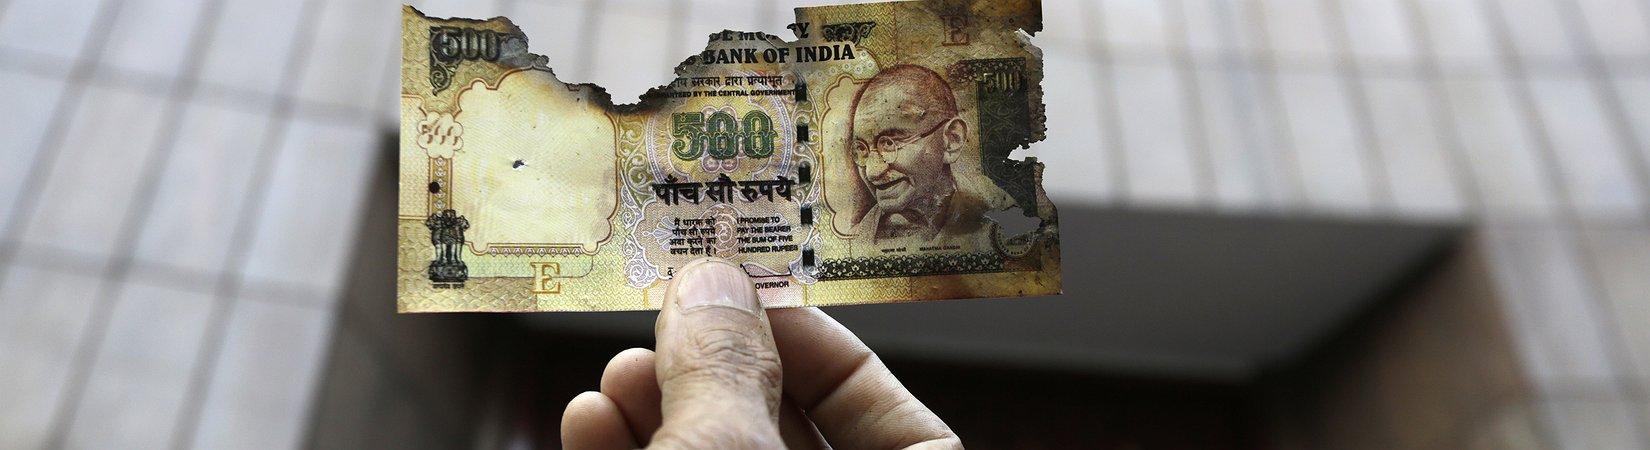 ¿Por qué la retirada de los billetes indios de 500 y 1.000 es tan  importante?